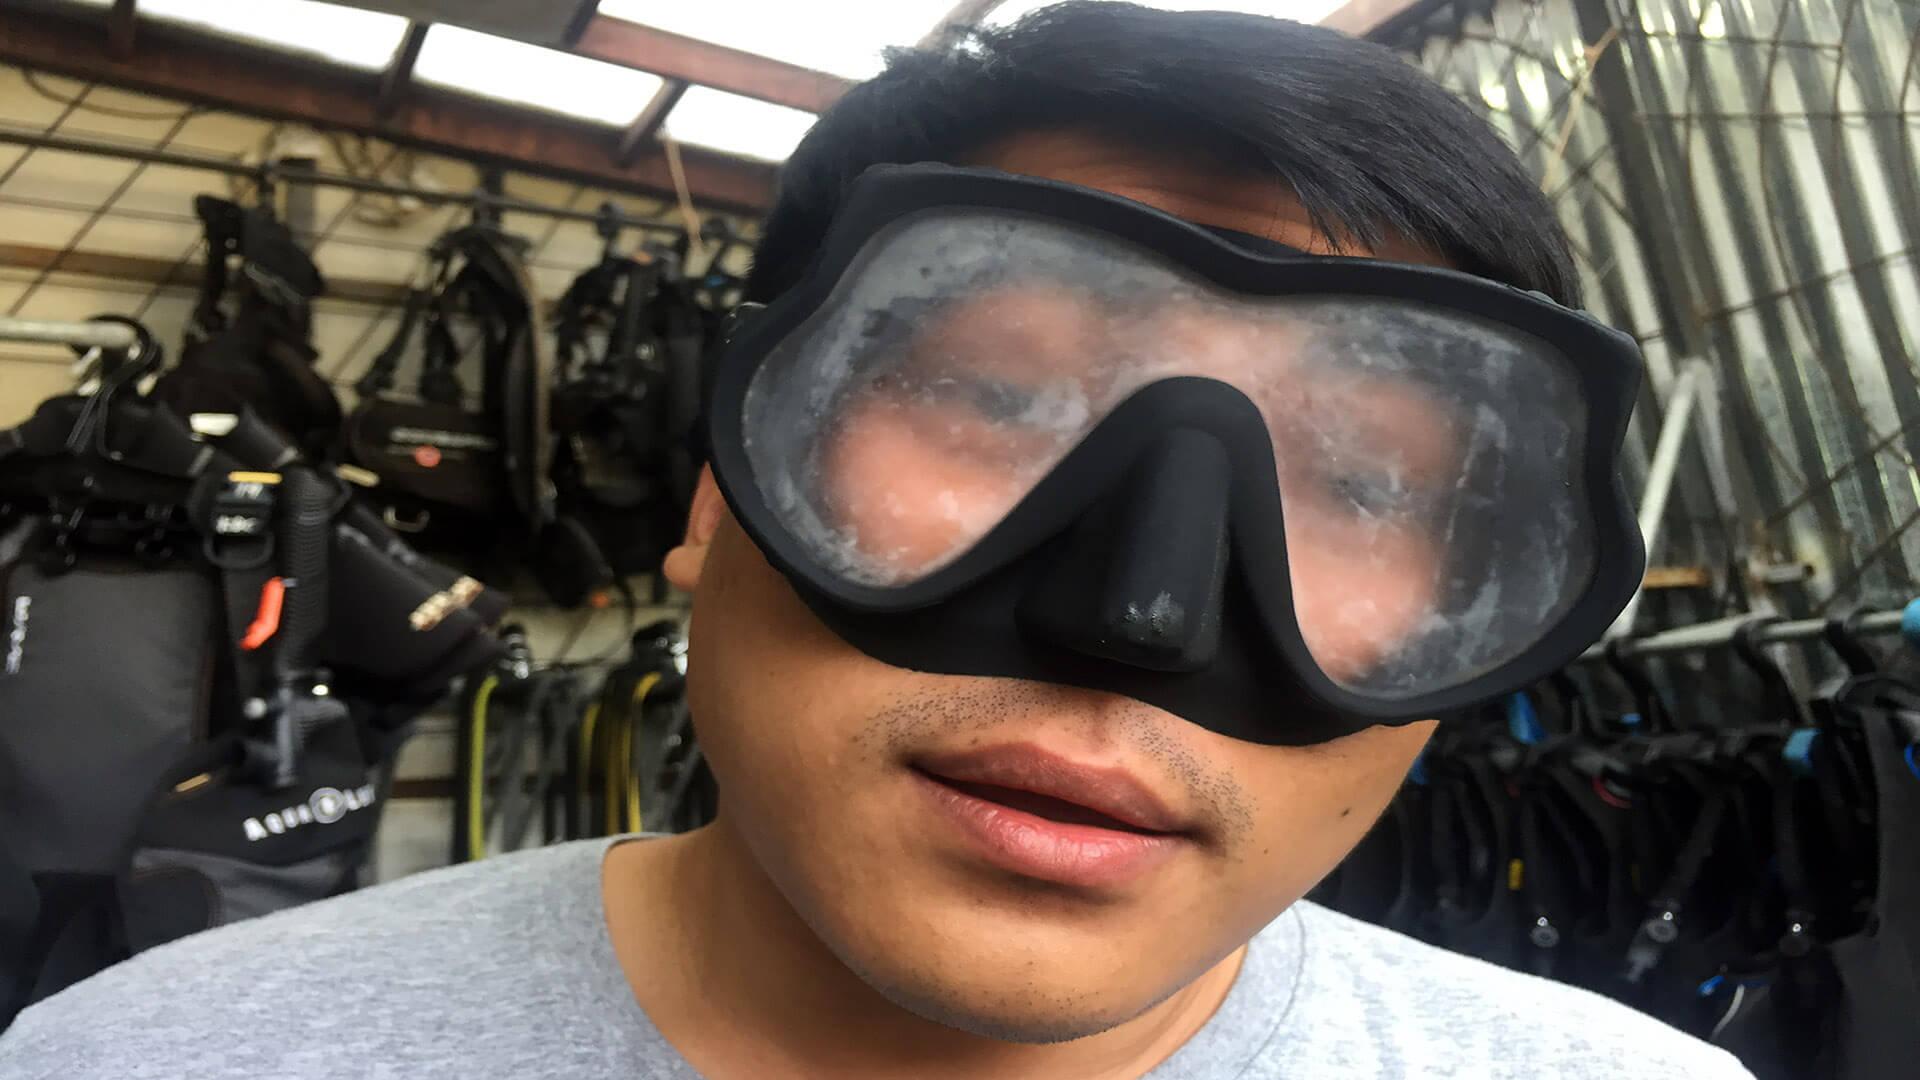 Diving mask fogging